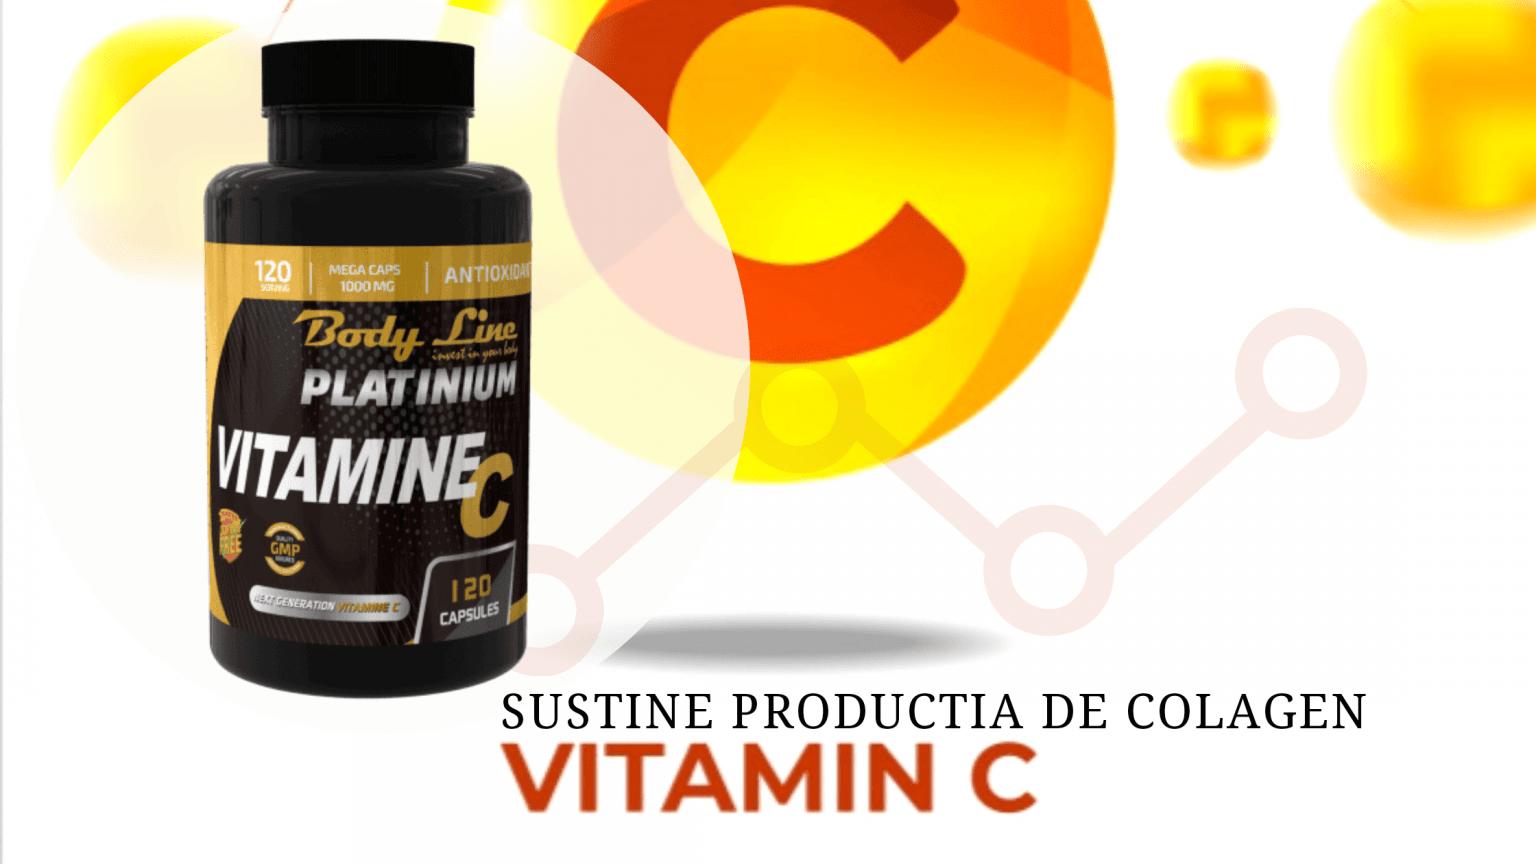 vitamina-c-in-productia-de-colagen